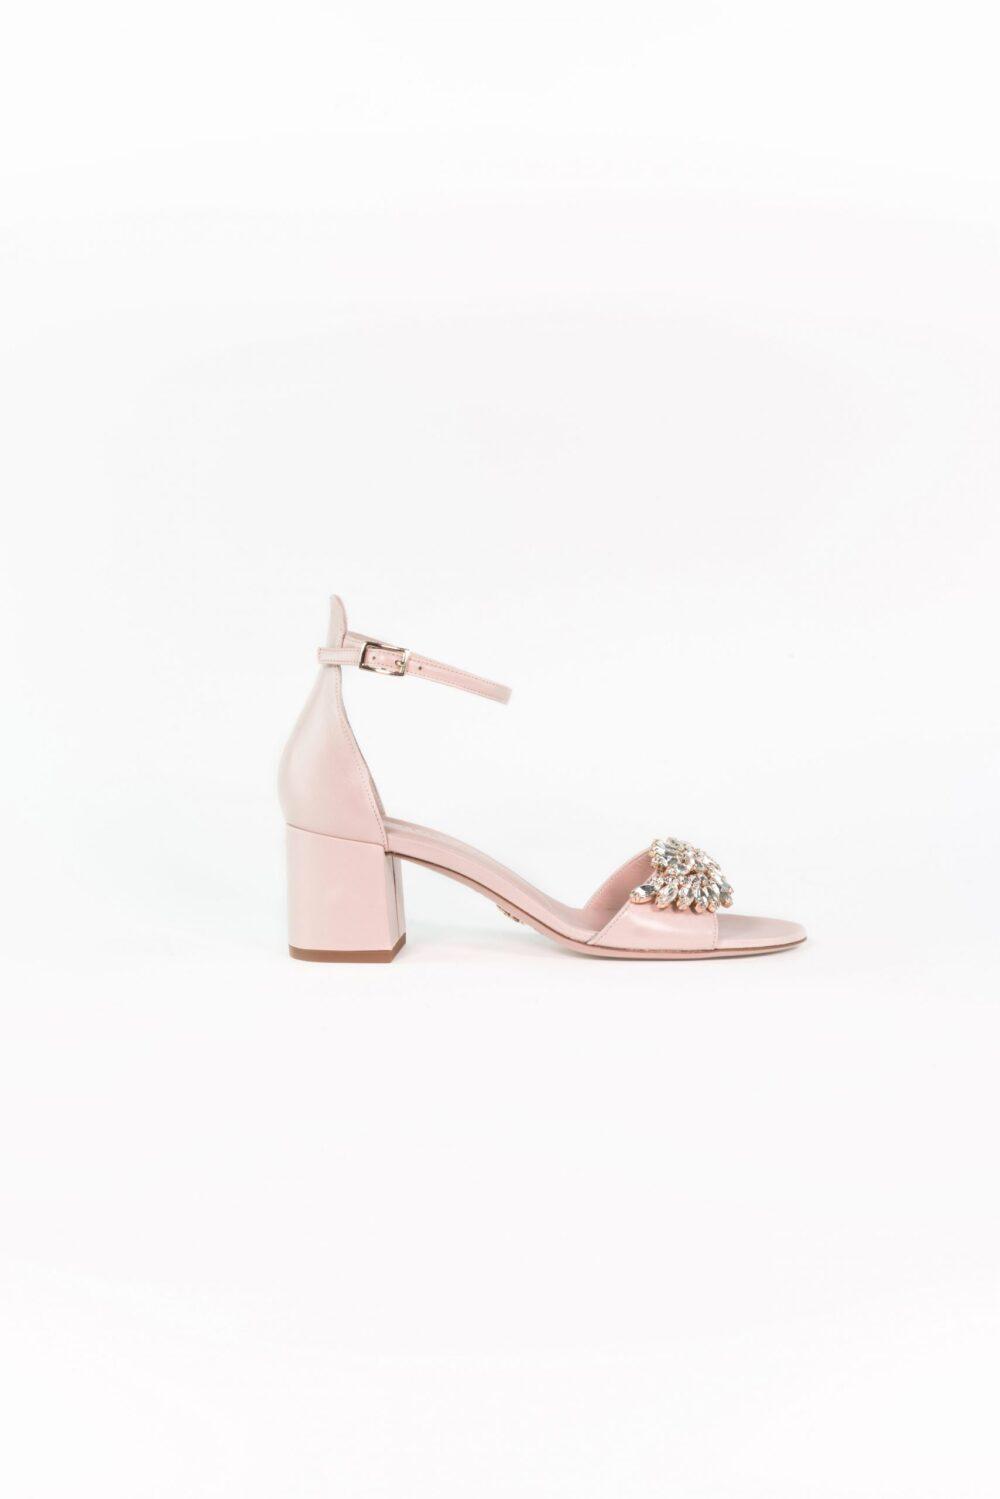 designer hochzeitsschuh nude rose leder blockabsatz elena